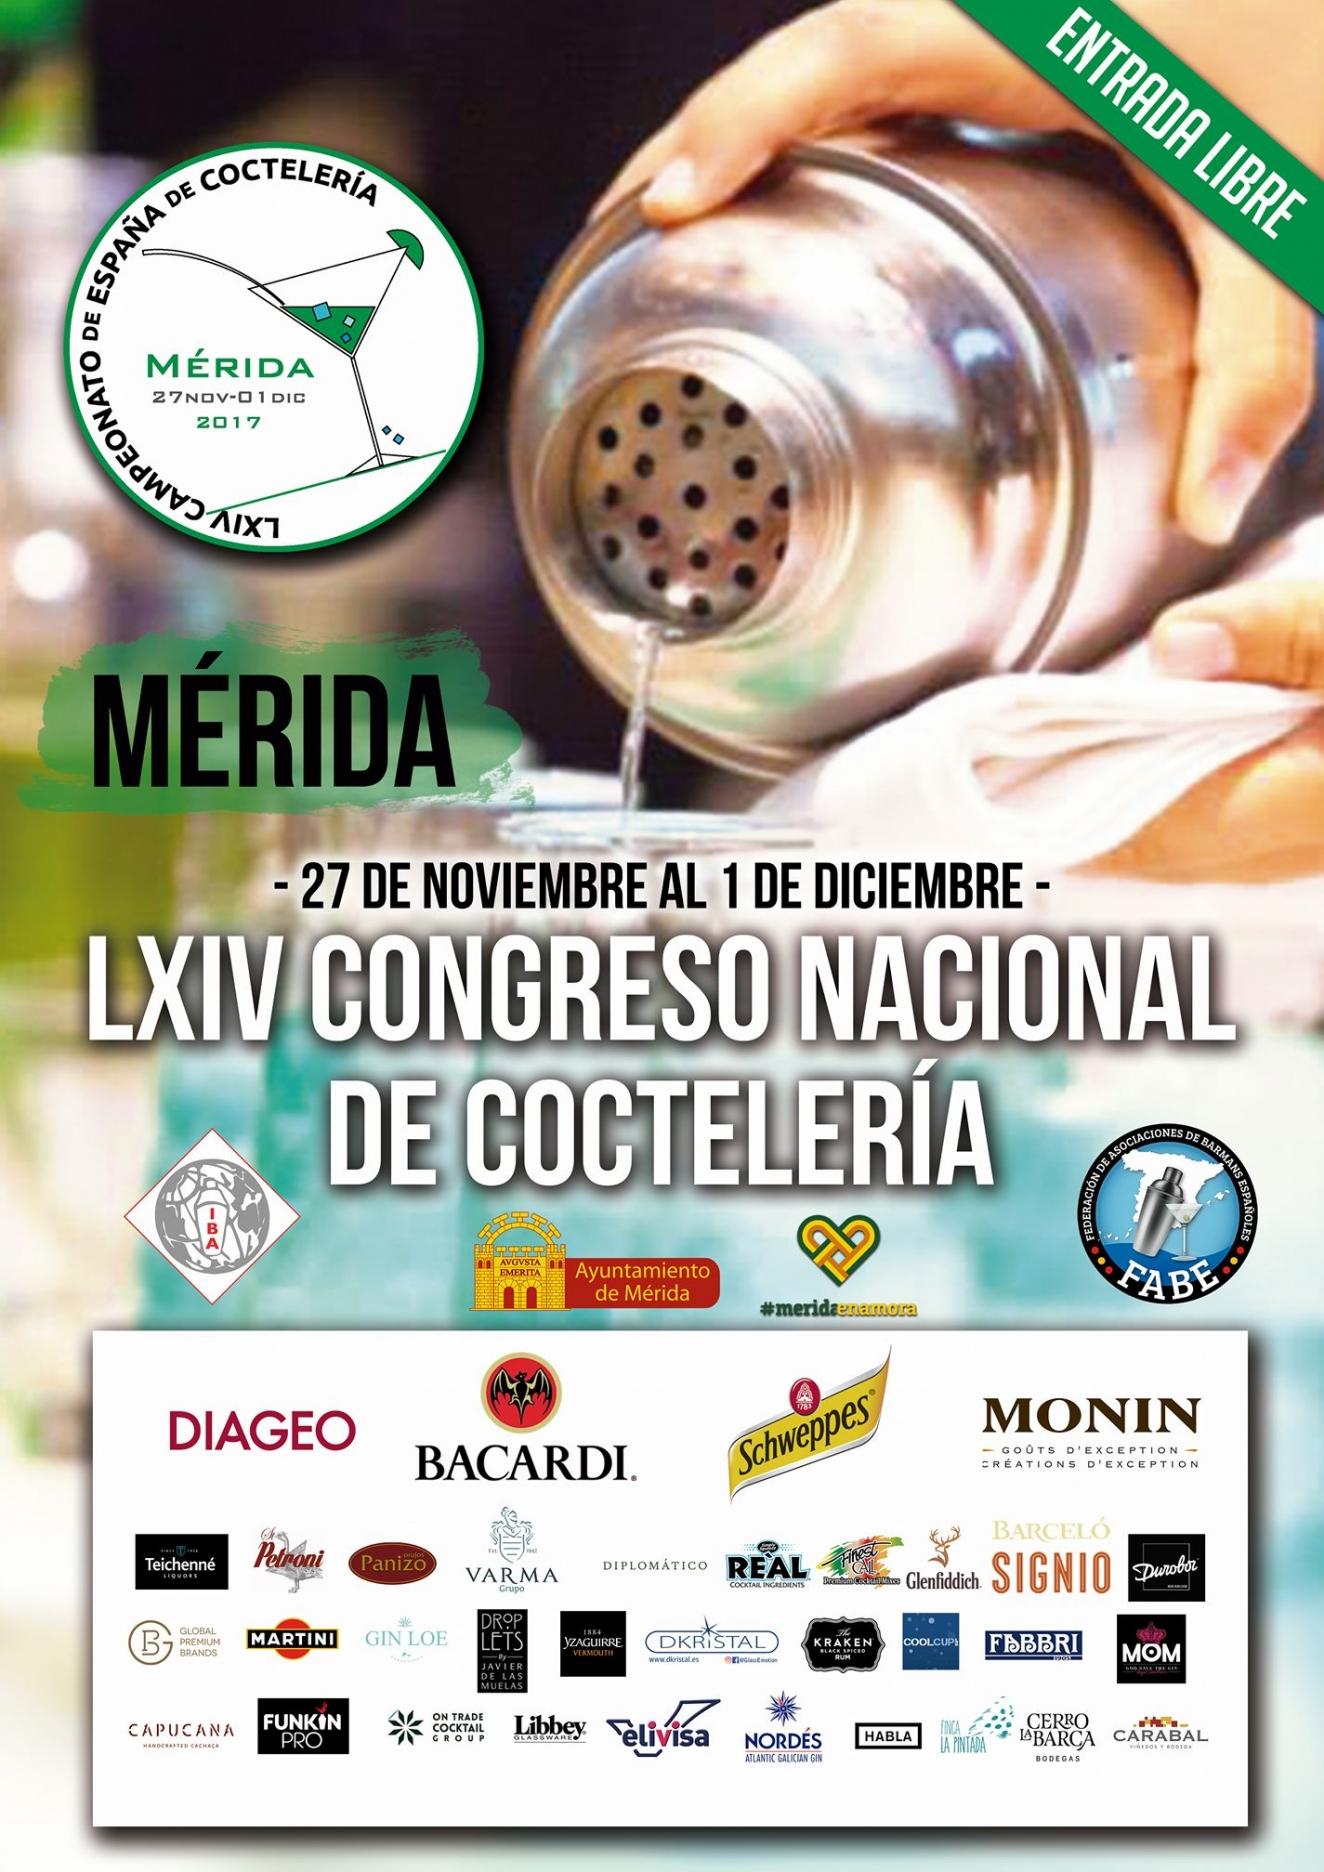 LXIV Congreso Nacional de Coctelería